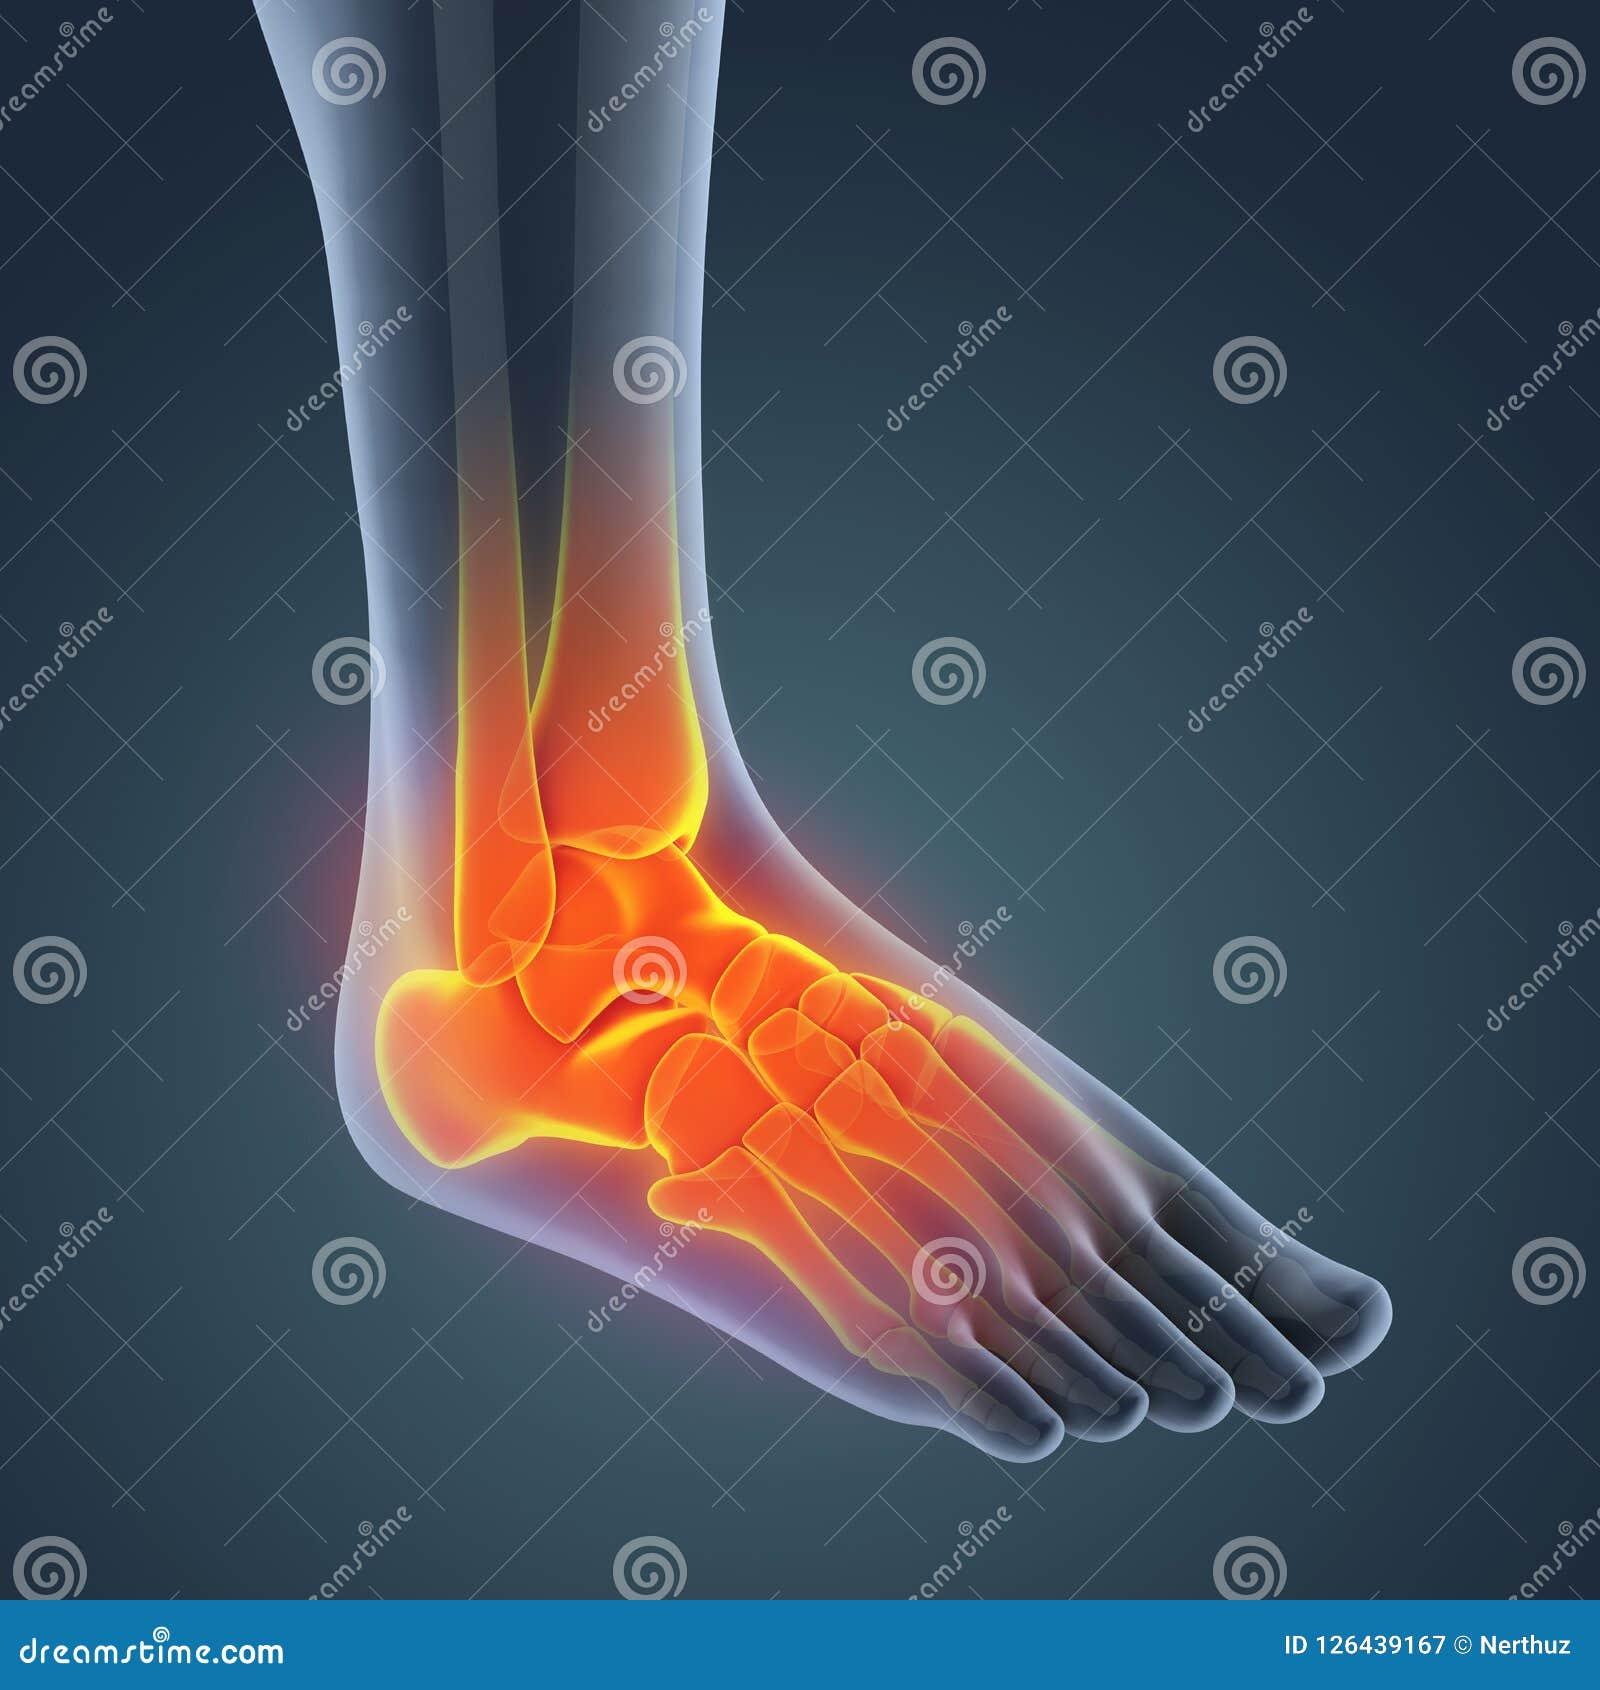 Human Foot Anatomy Illustration Stock Illustration - Illustration of ...